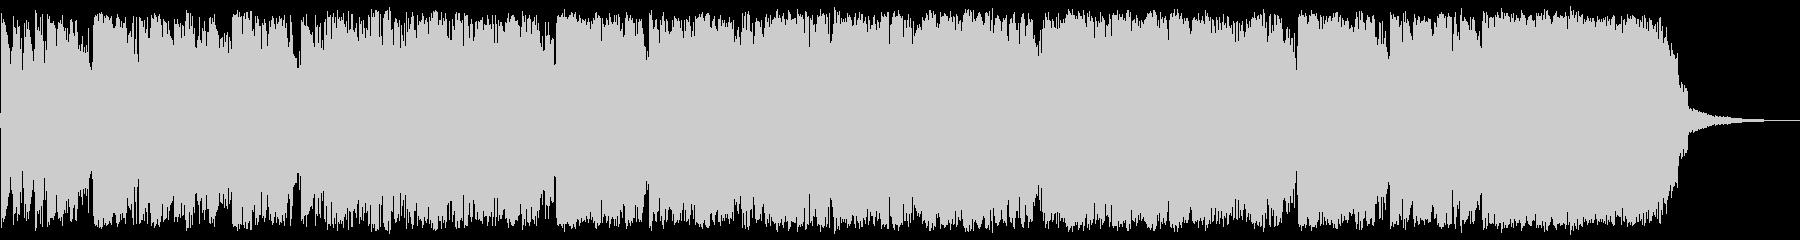 コーナータイトル_東京Jロック30秒の未再生の波形